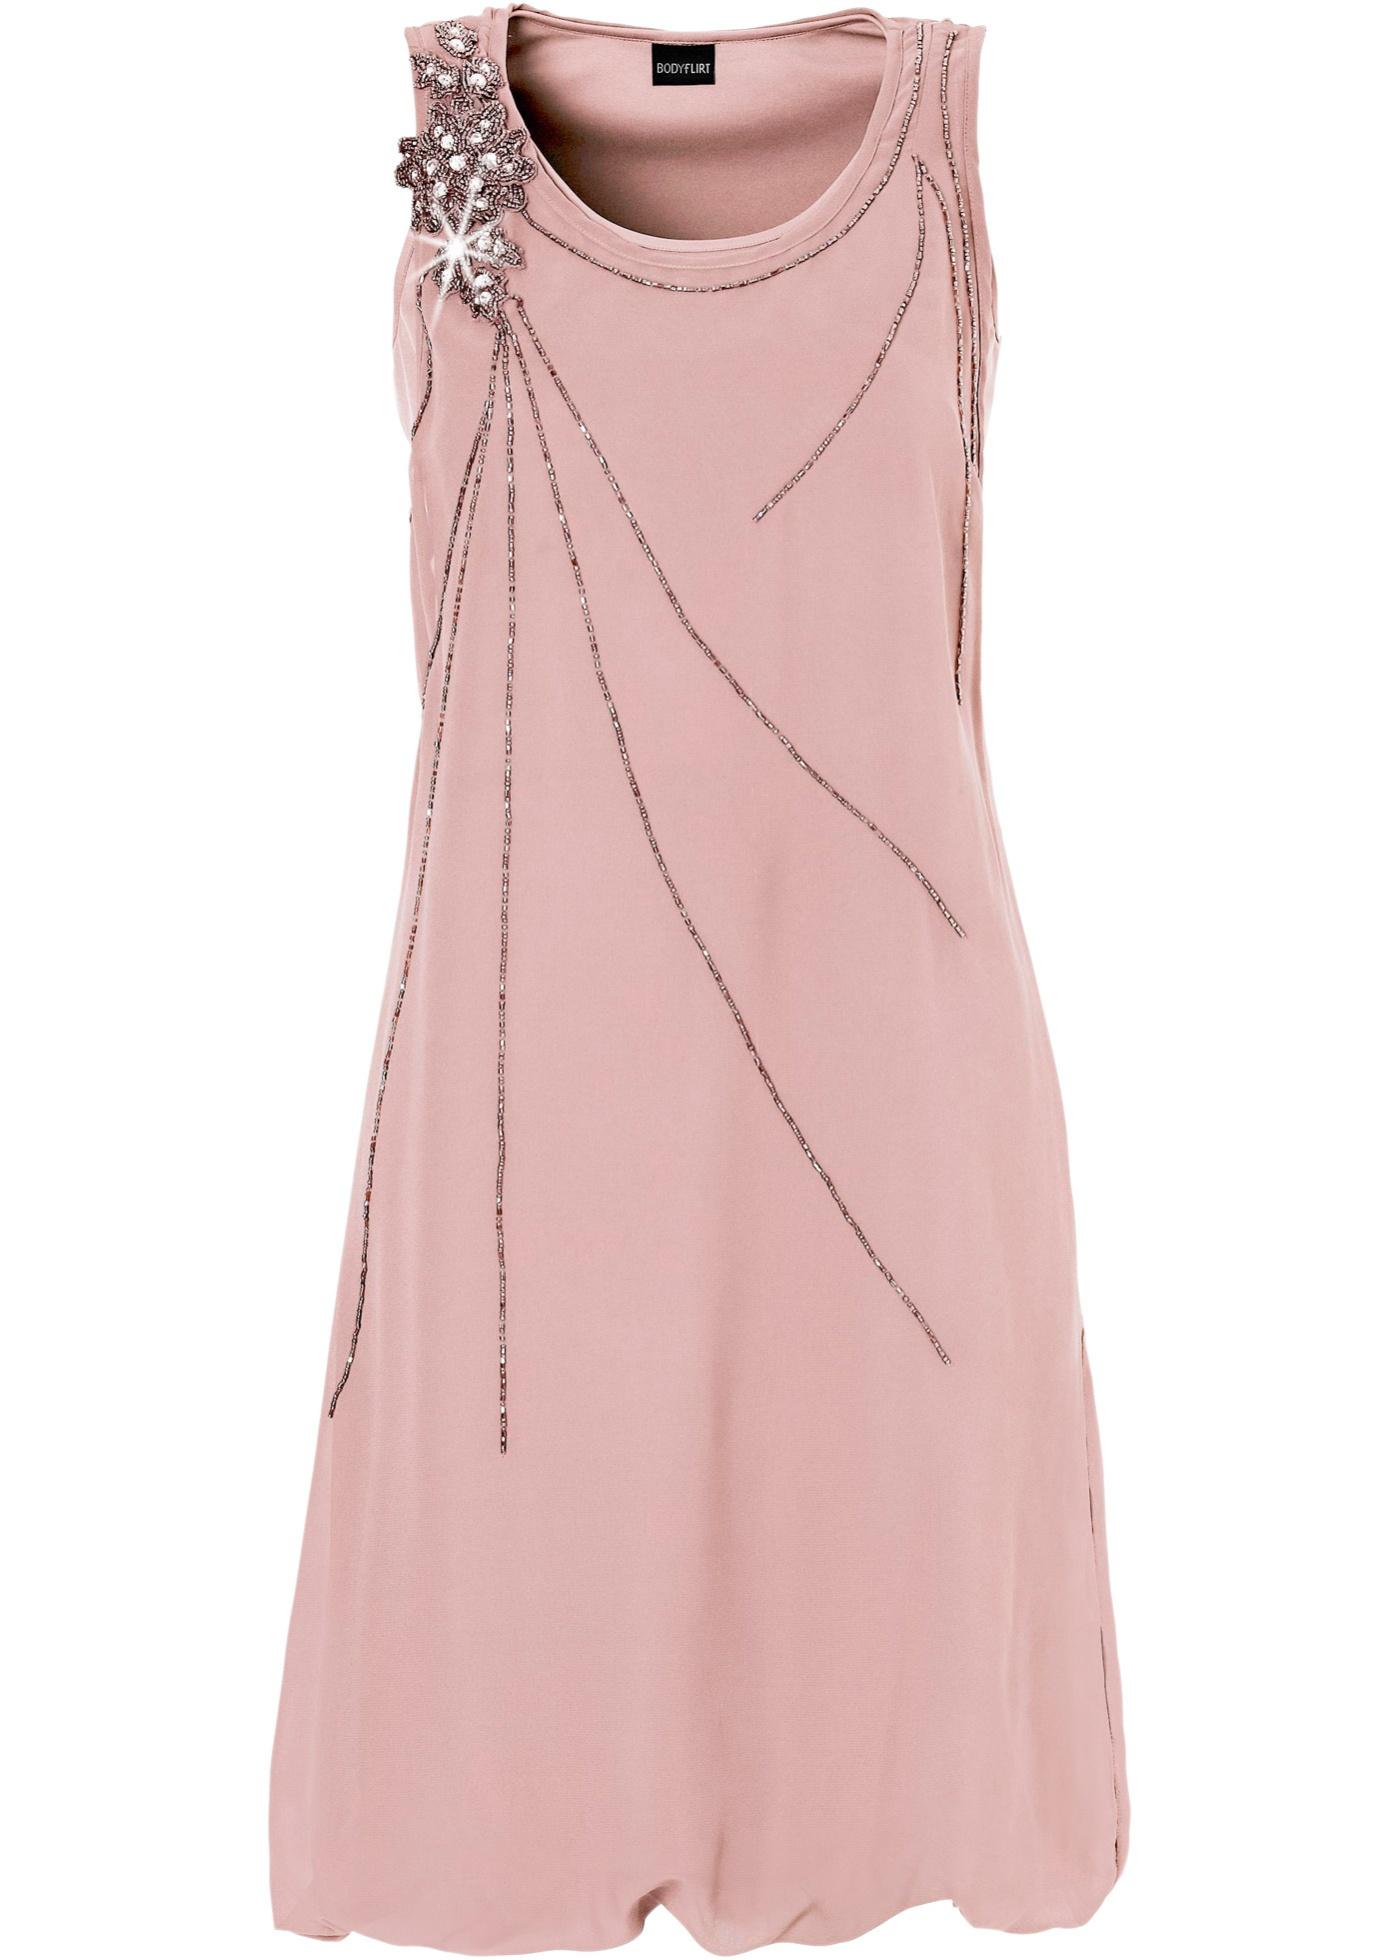 Vestido balonê com pedrarias rosa com decote redondo